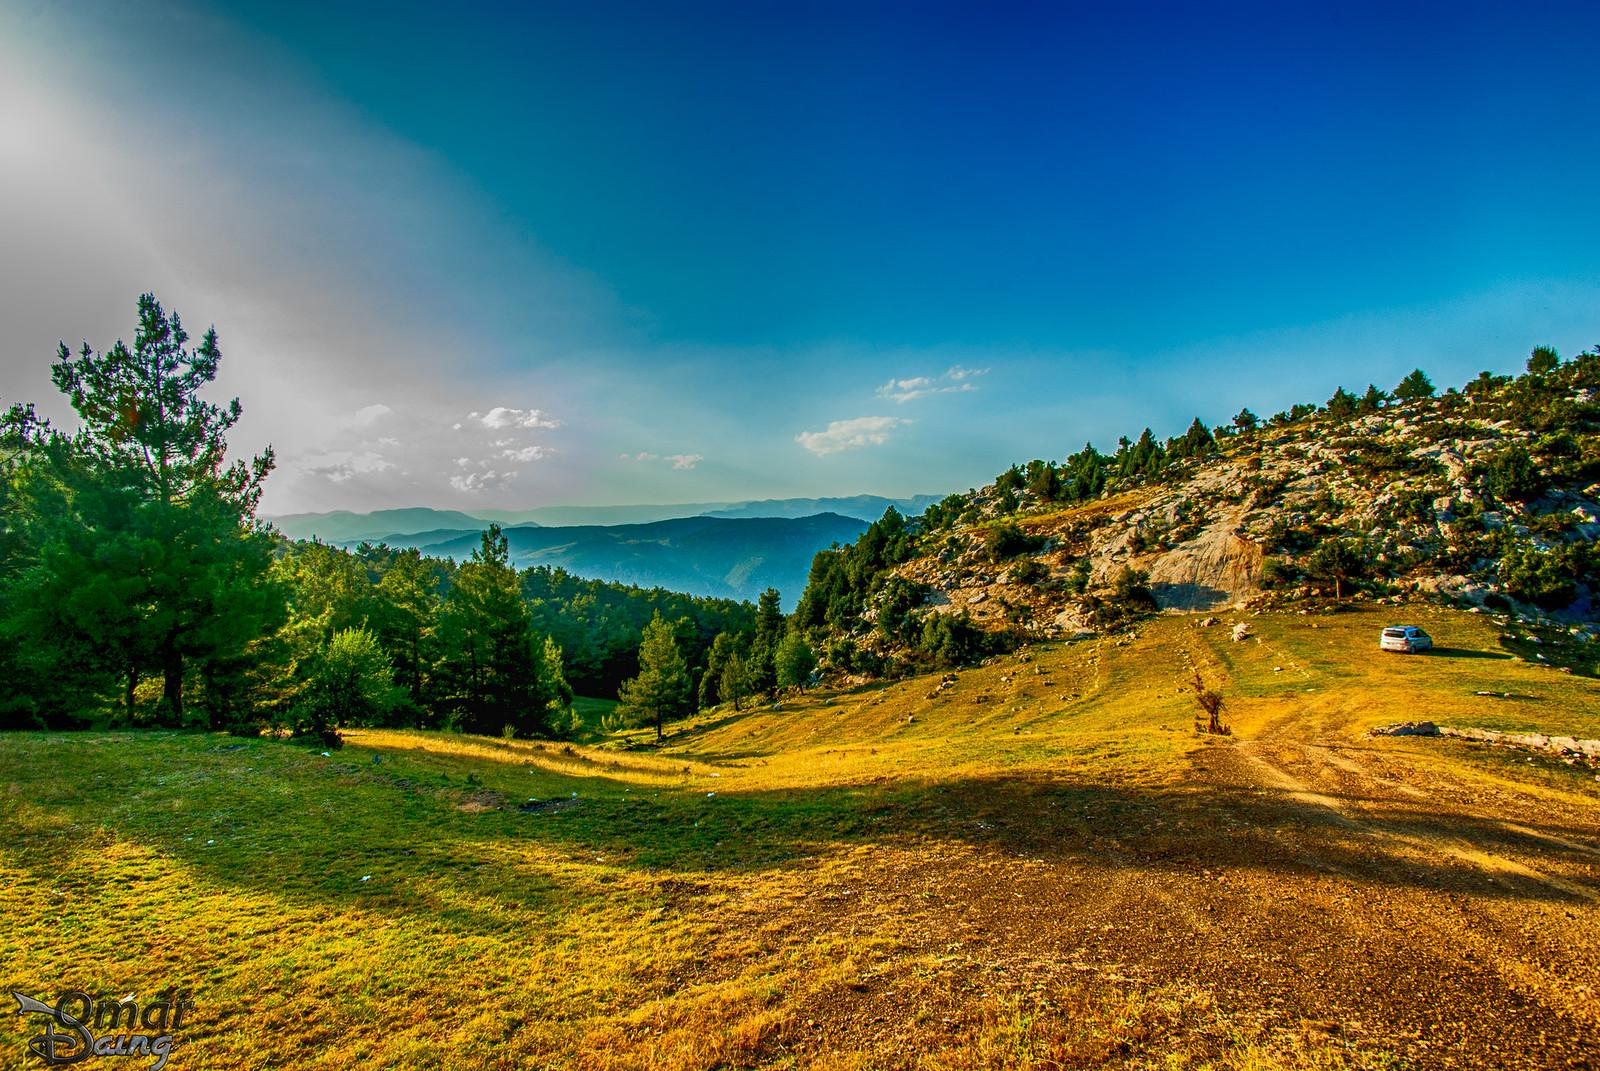 Ynt: Doğa Manzara Fotoğrafları Buraya